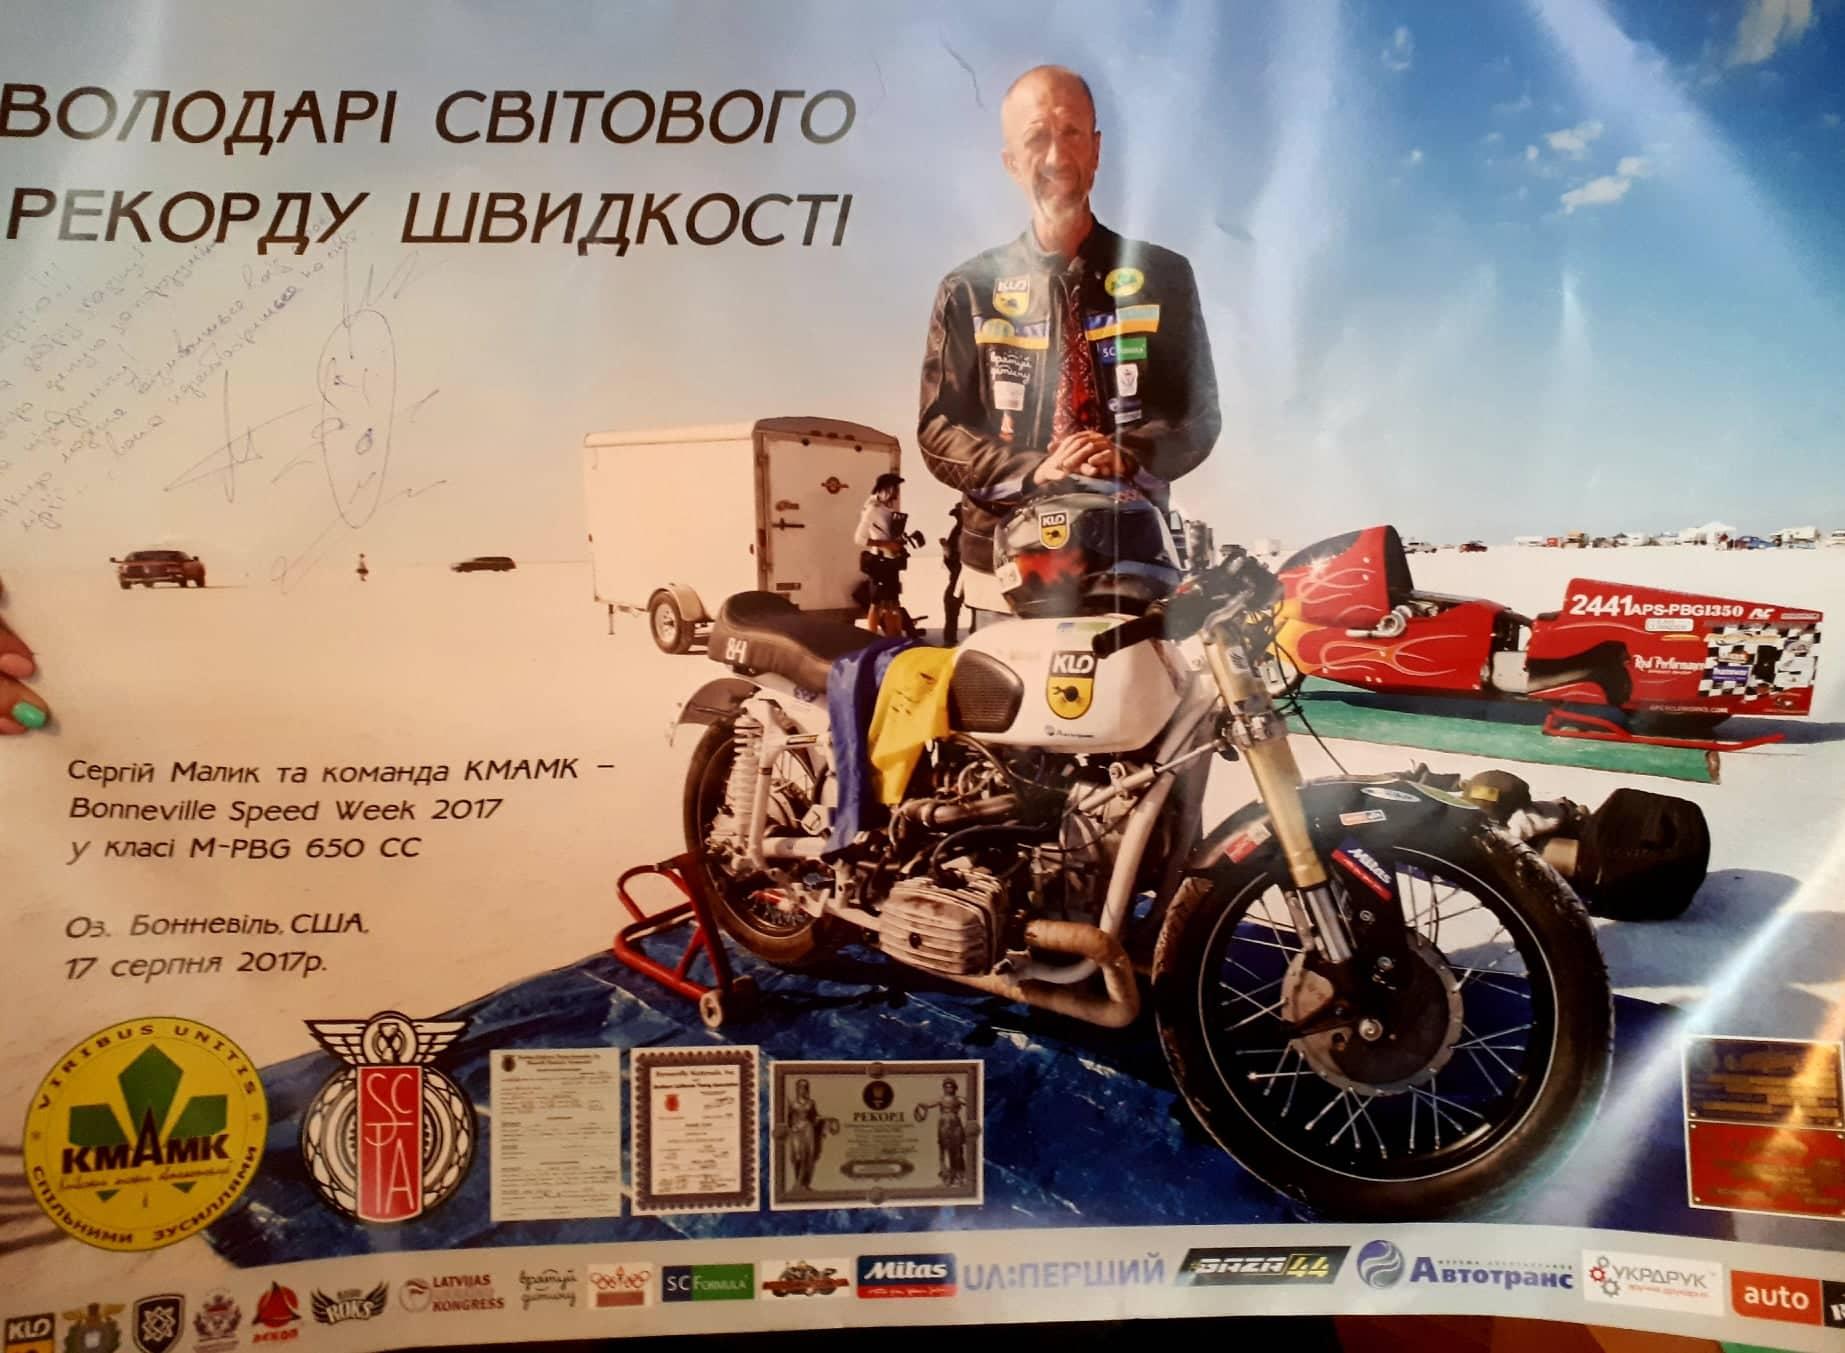 Сергій Малик в гостях у Сергія Тимофєєва. Фото